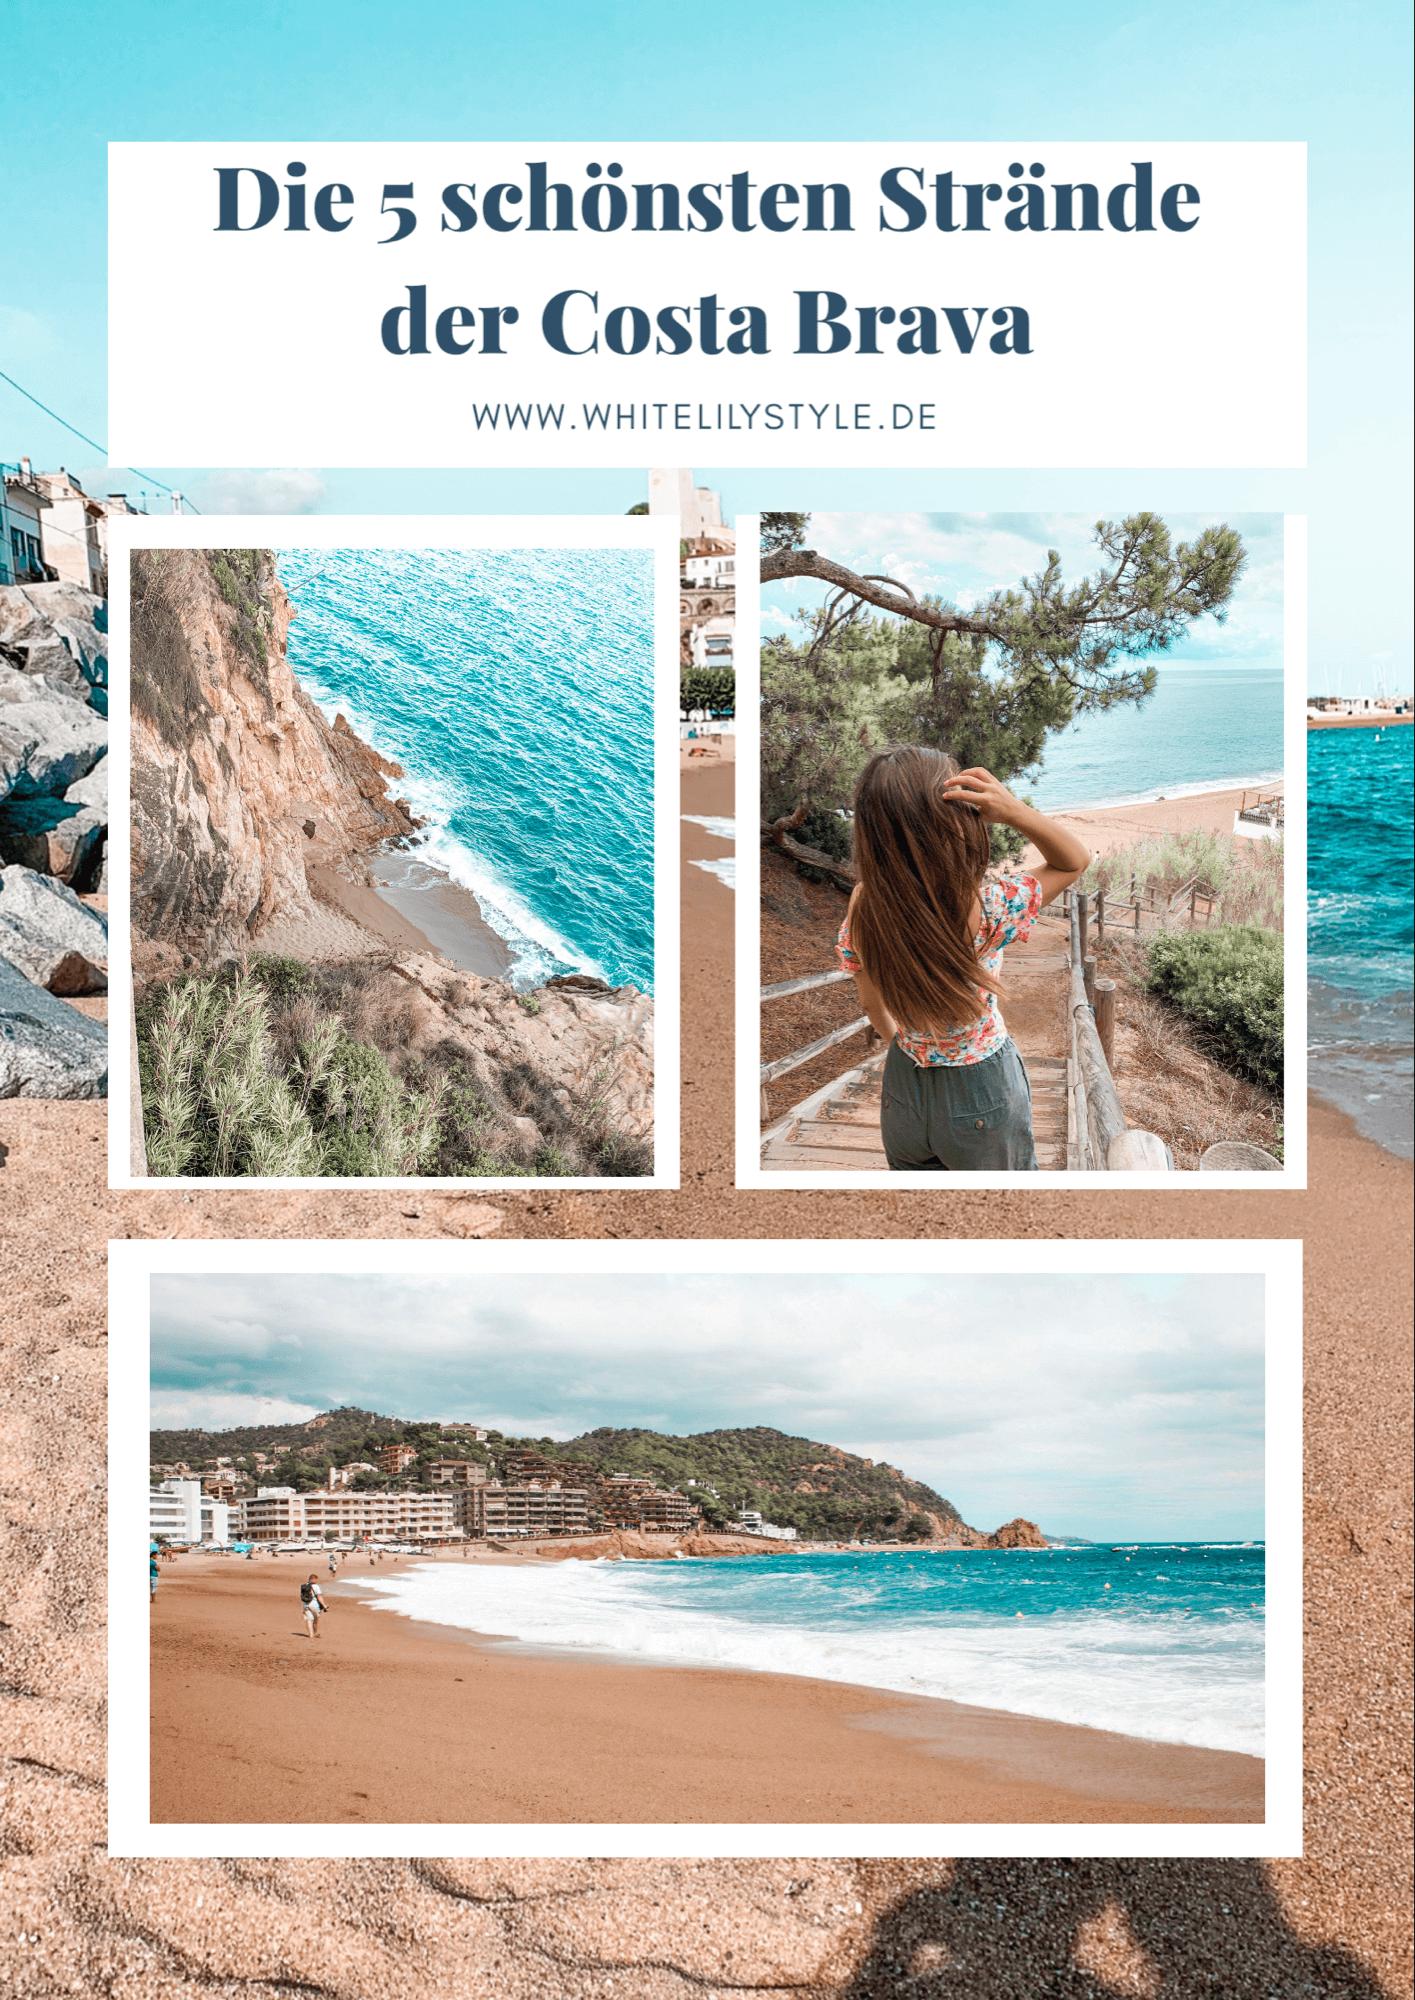 Costa Brava – die 5 schönsten Strände Costa Brava